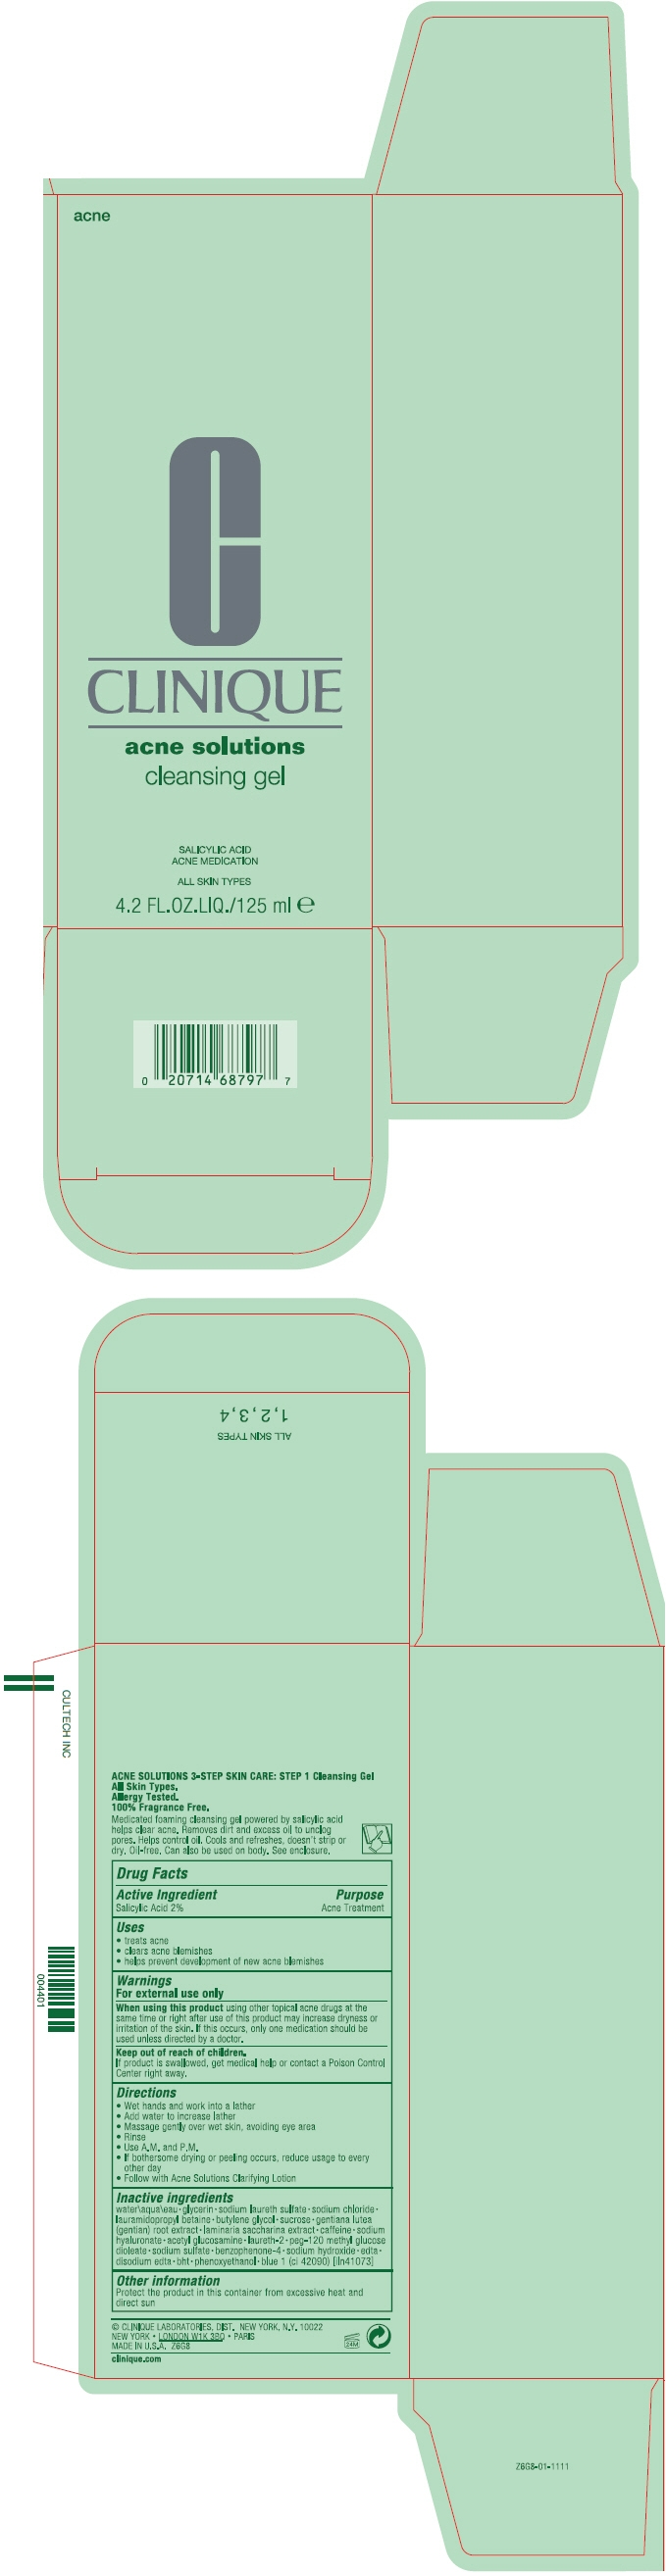 PRINCIPAL DISPLAY PANEL - 125 mL Tube Carton